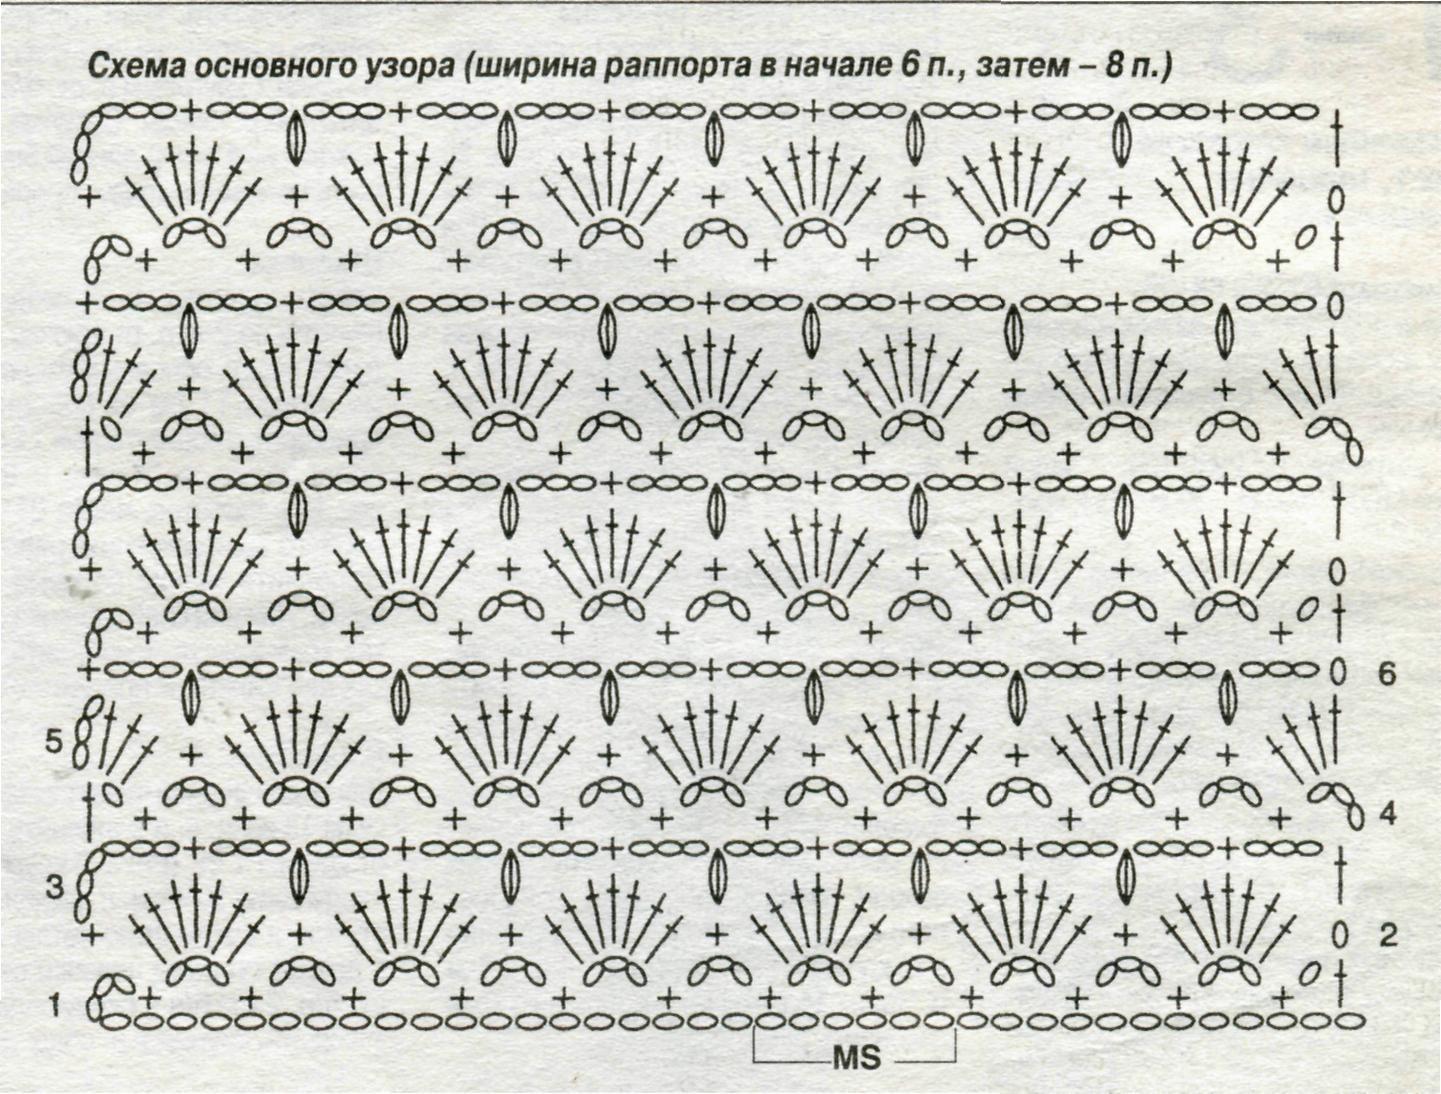 Картинки с схемой вязание крючком